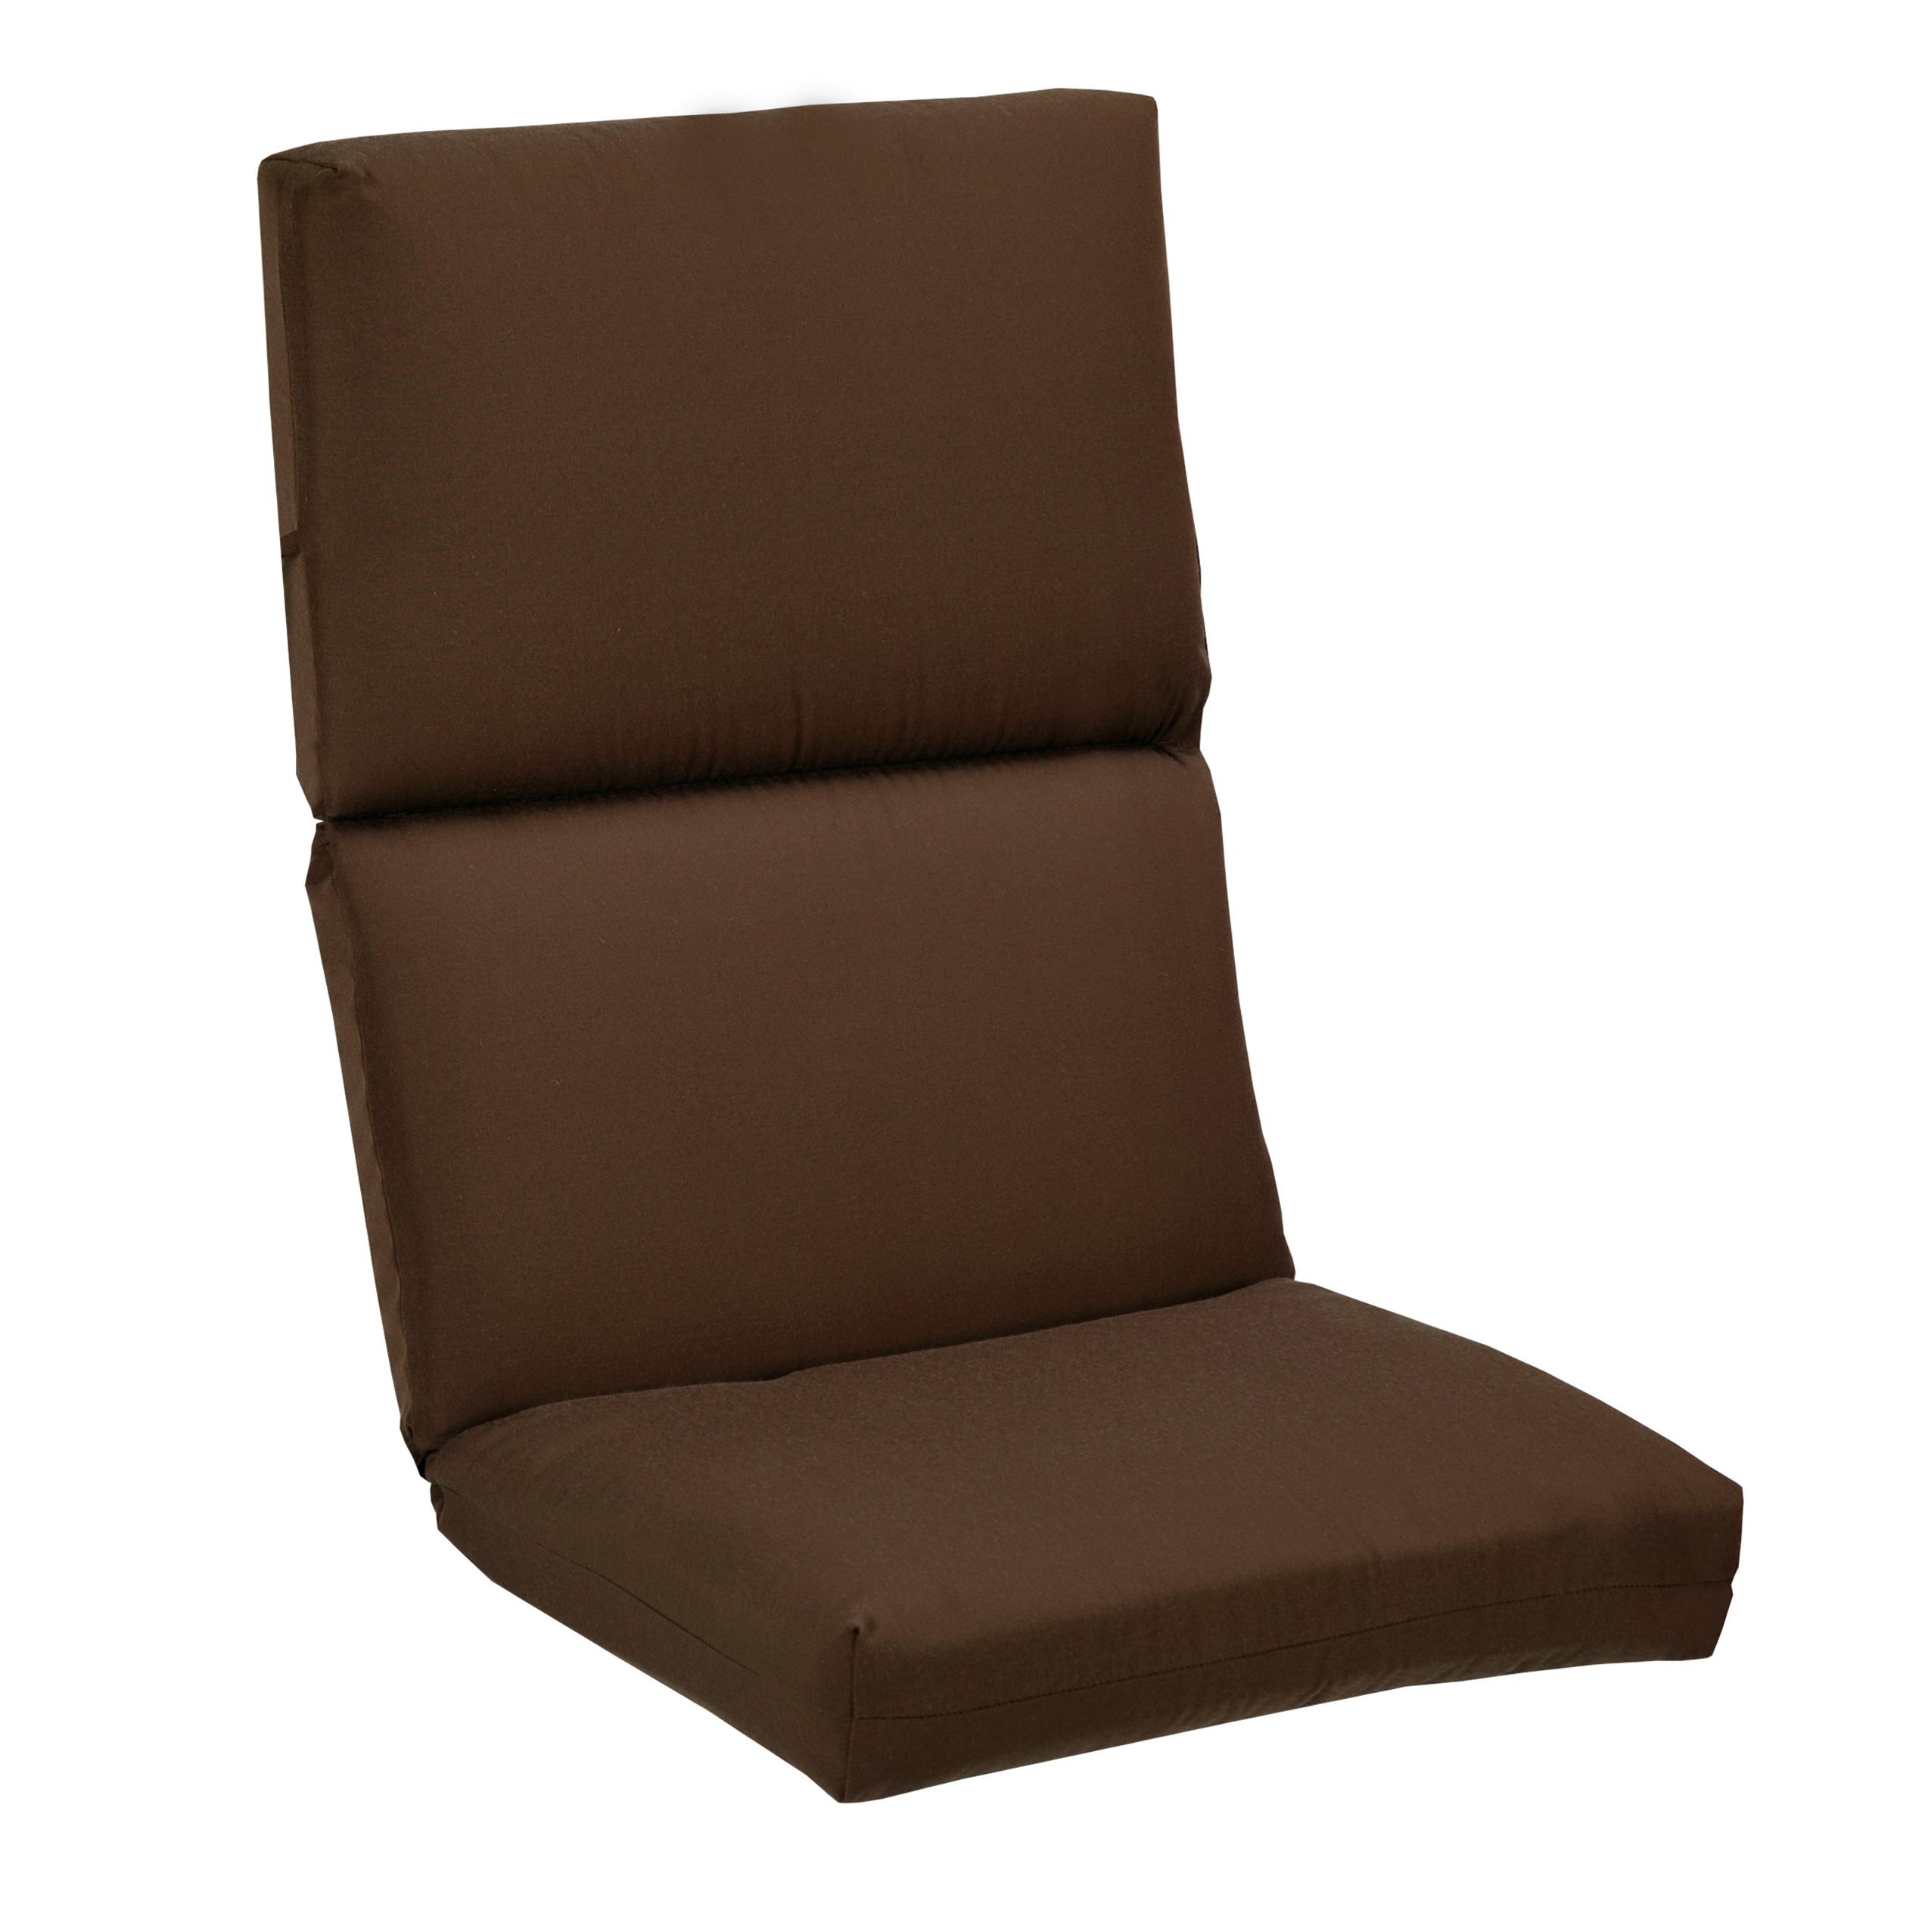 High Back Patio Chair Cushions Walmart Graco High Chair Walmart Chairs 16010 X0yrn1vyrz High